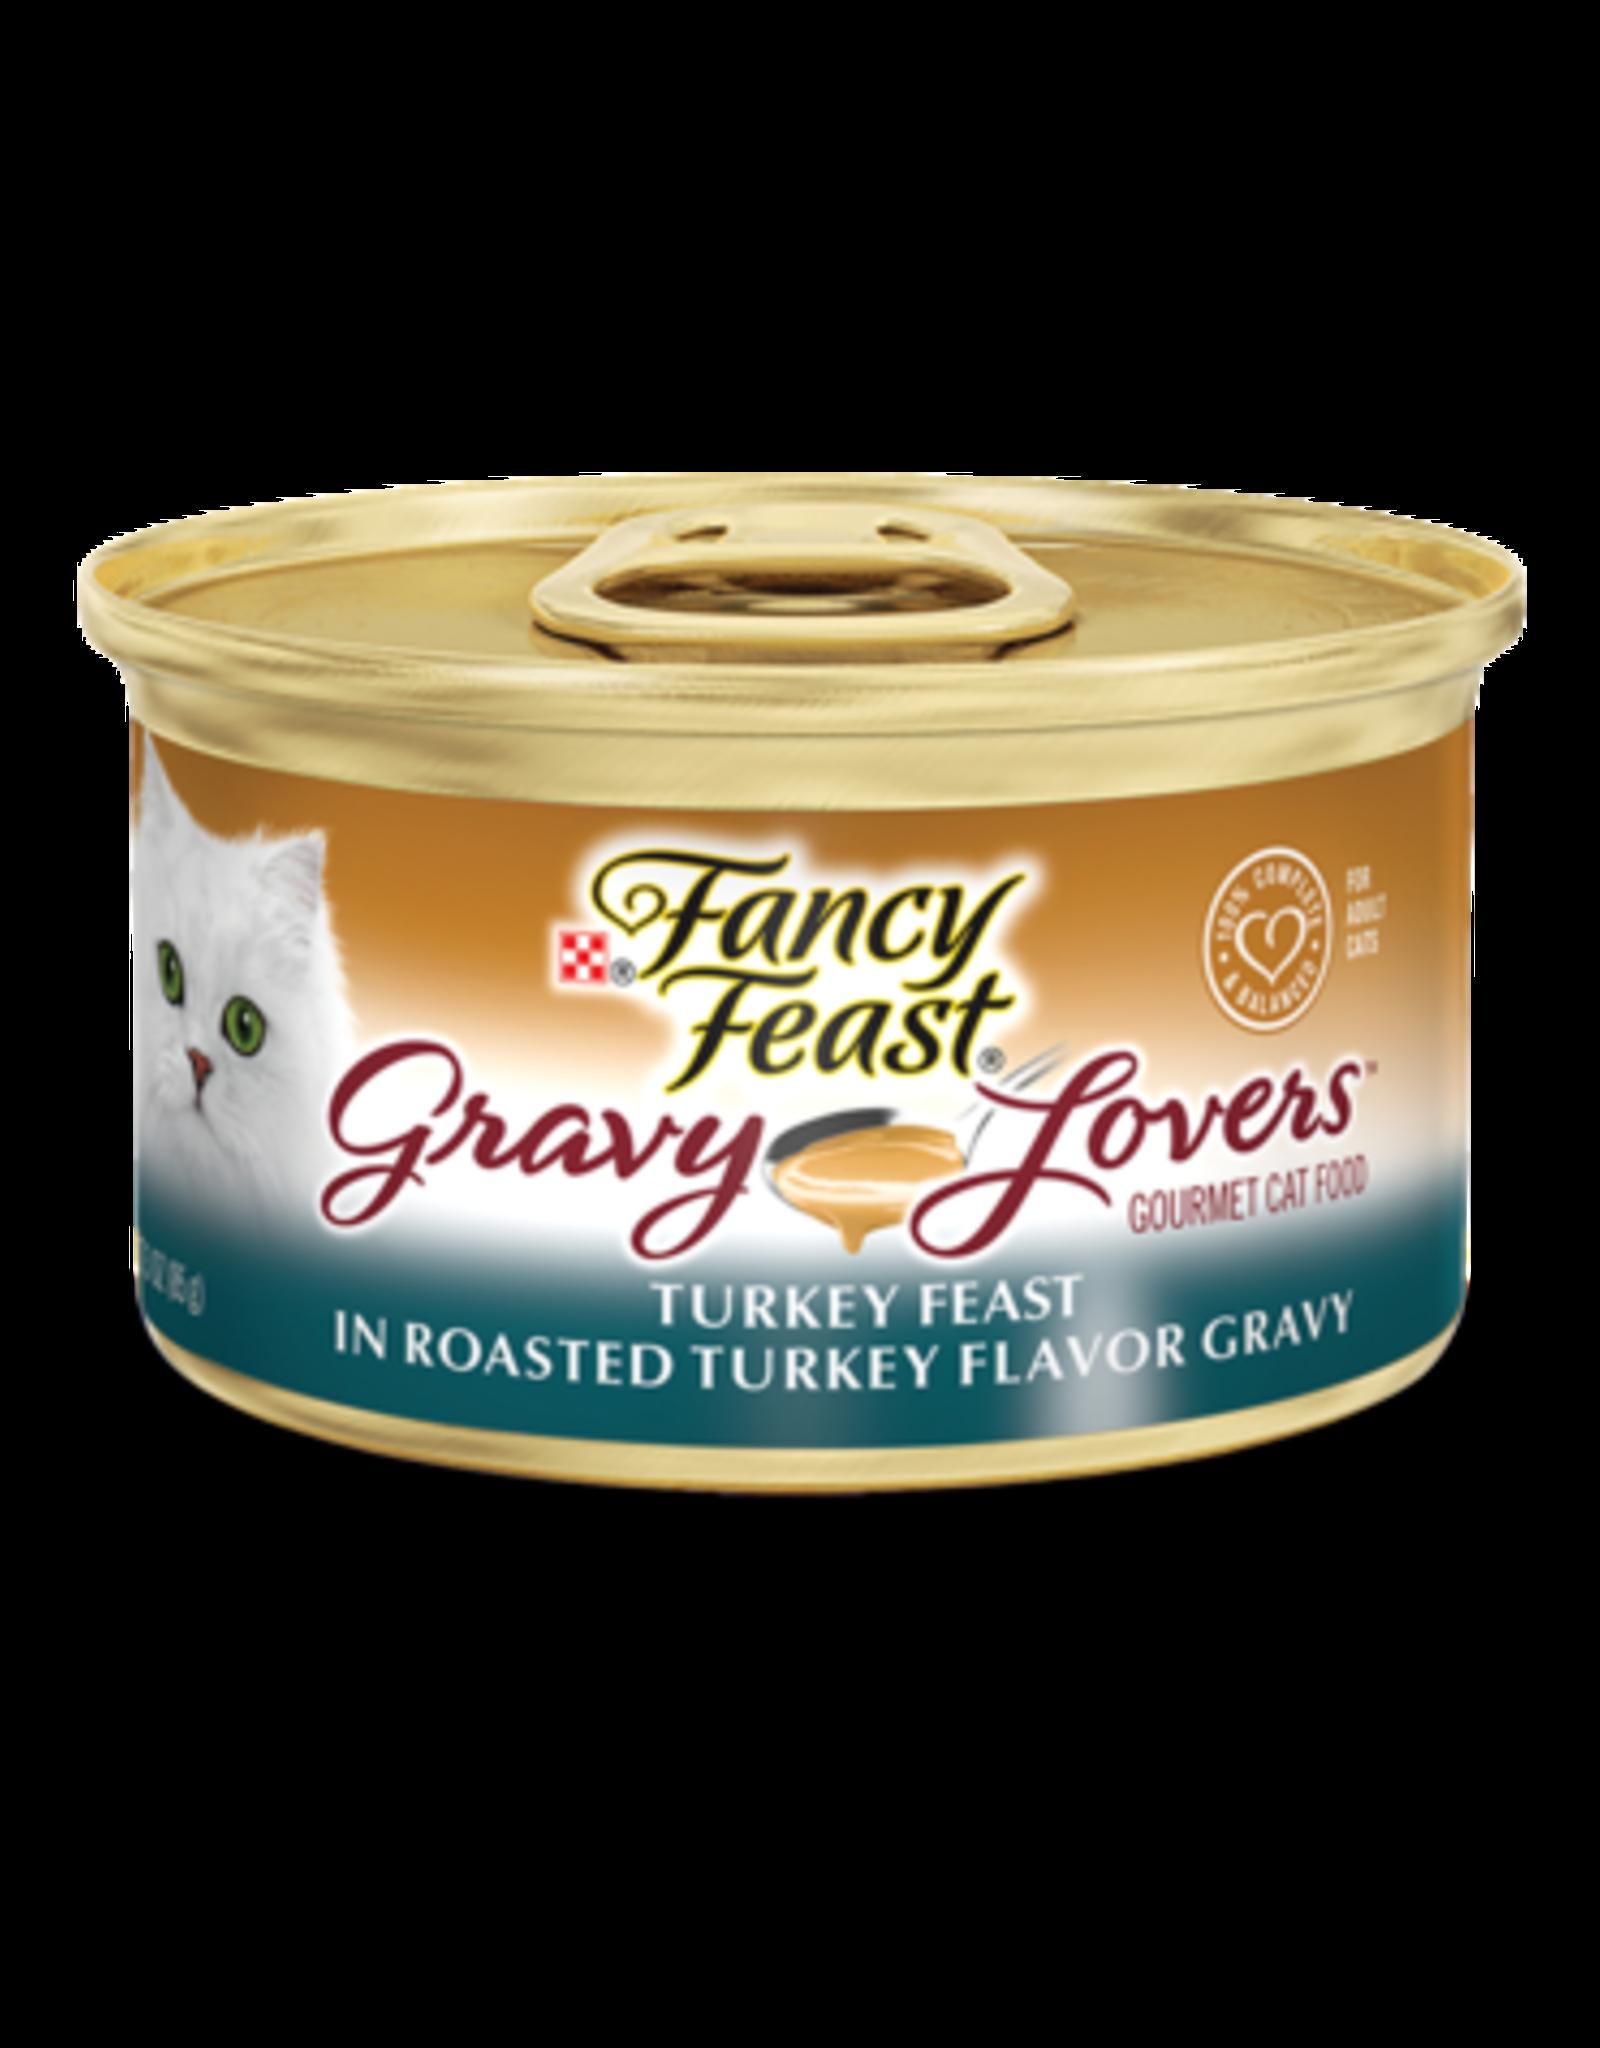 FANCY FEAST GRAVY LOVERS TURKEY 3OZ CASE OF 24